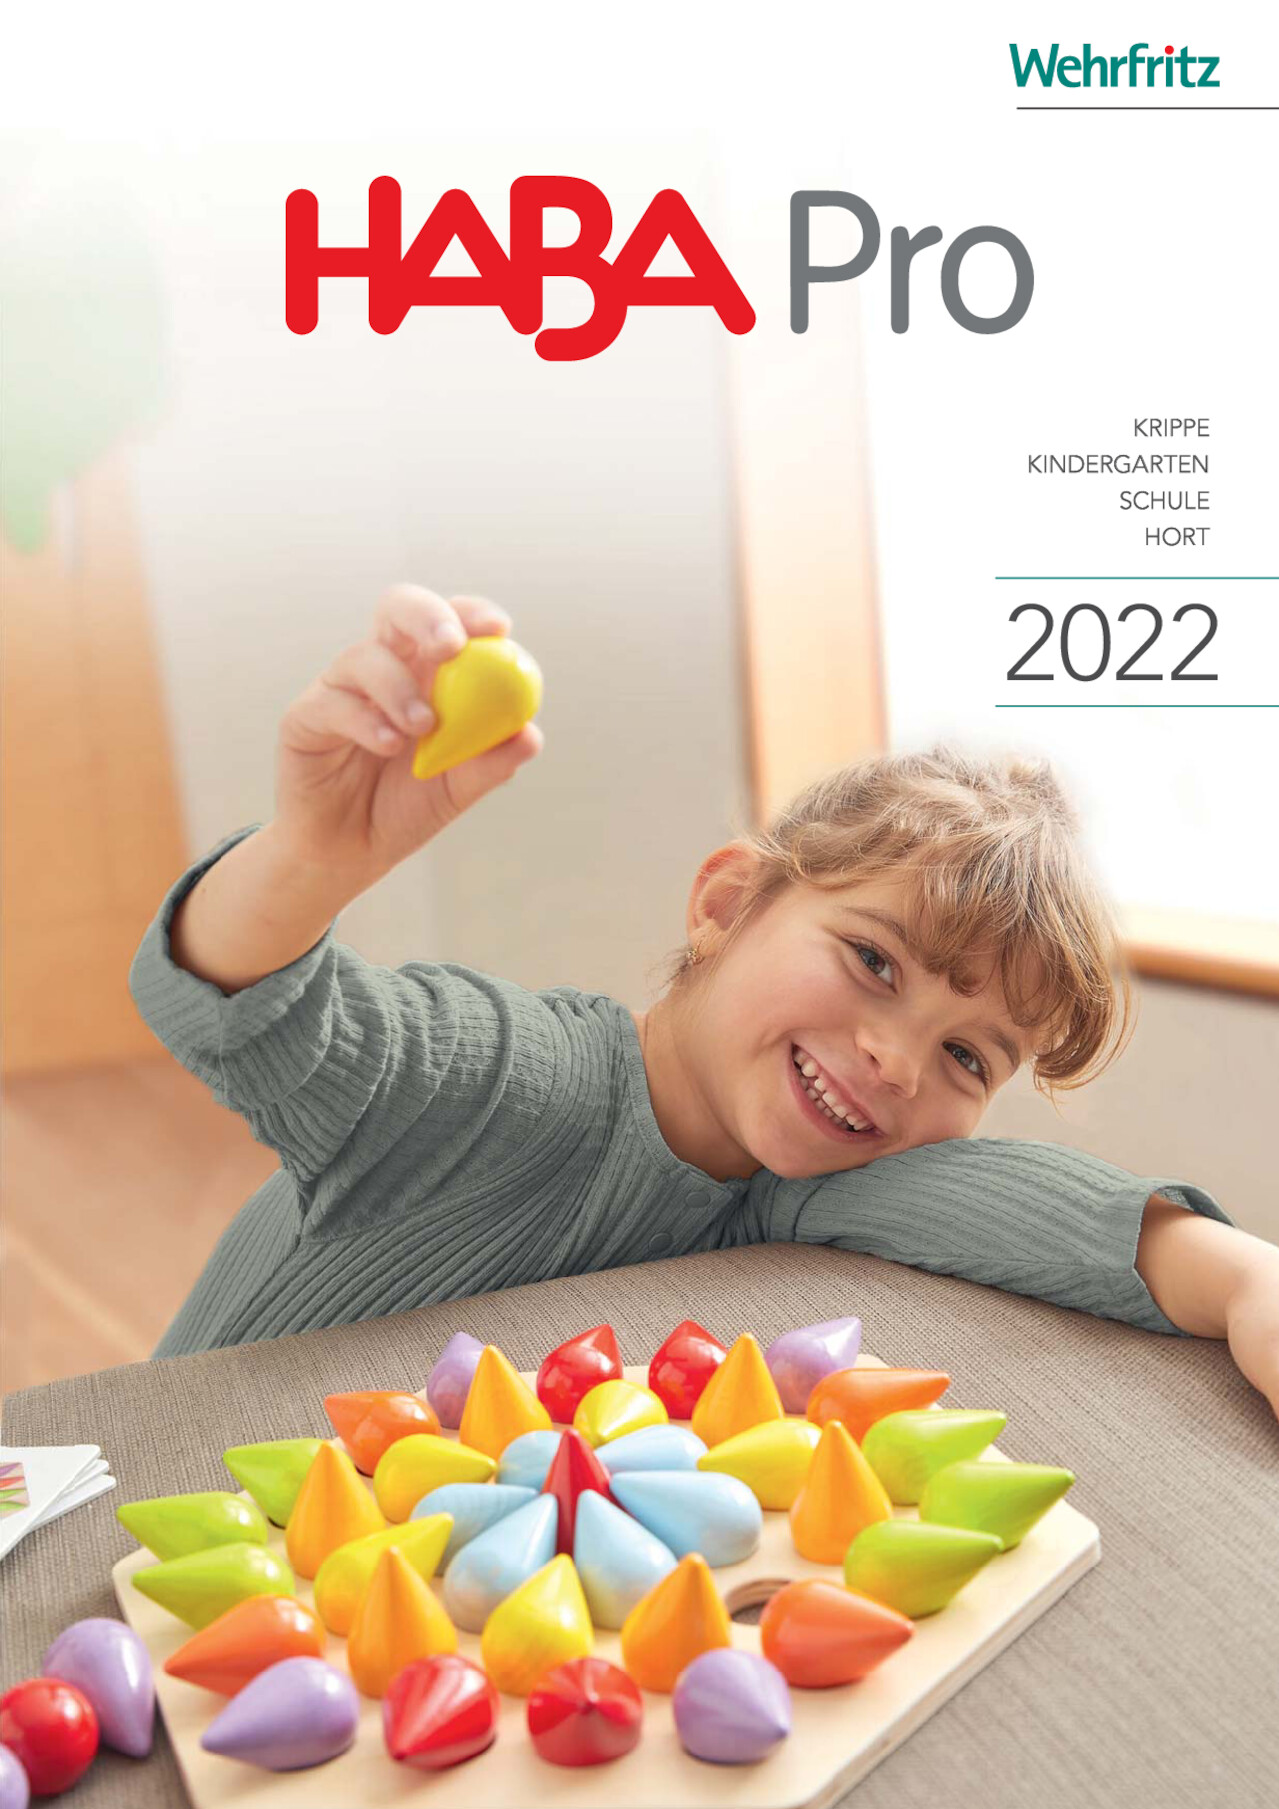 Wehrfritz Hauptkatalog 2019 Für Krippe, Kindergarten Und Schule  (Deutschland)